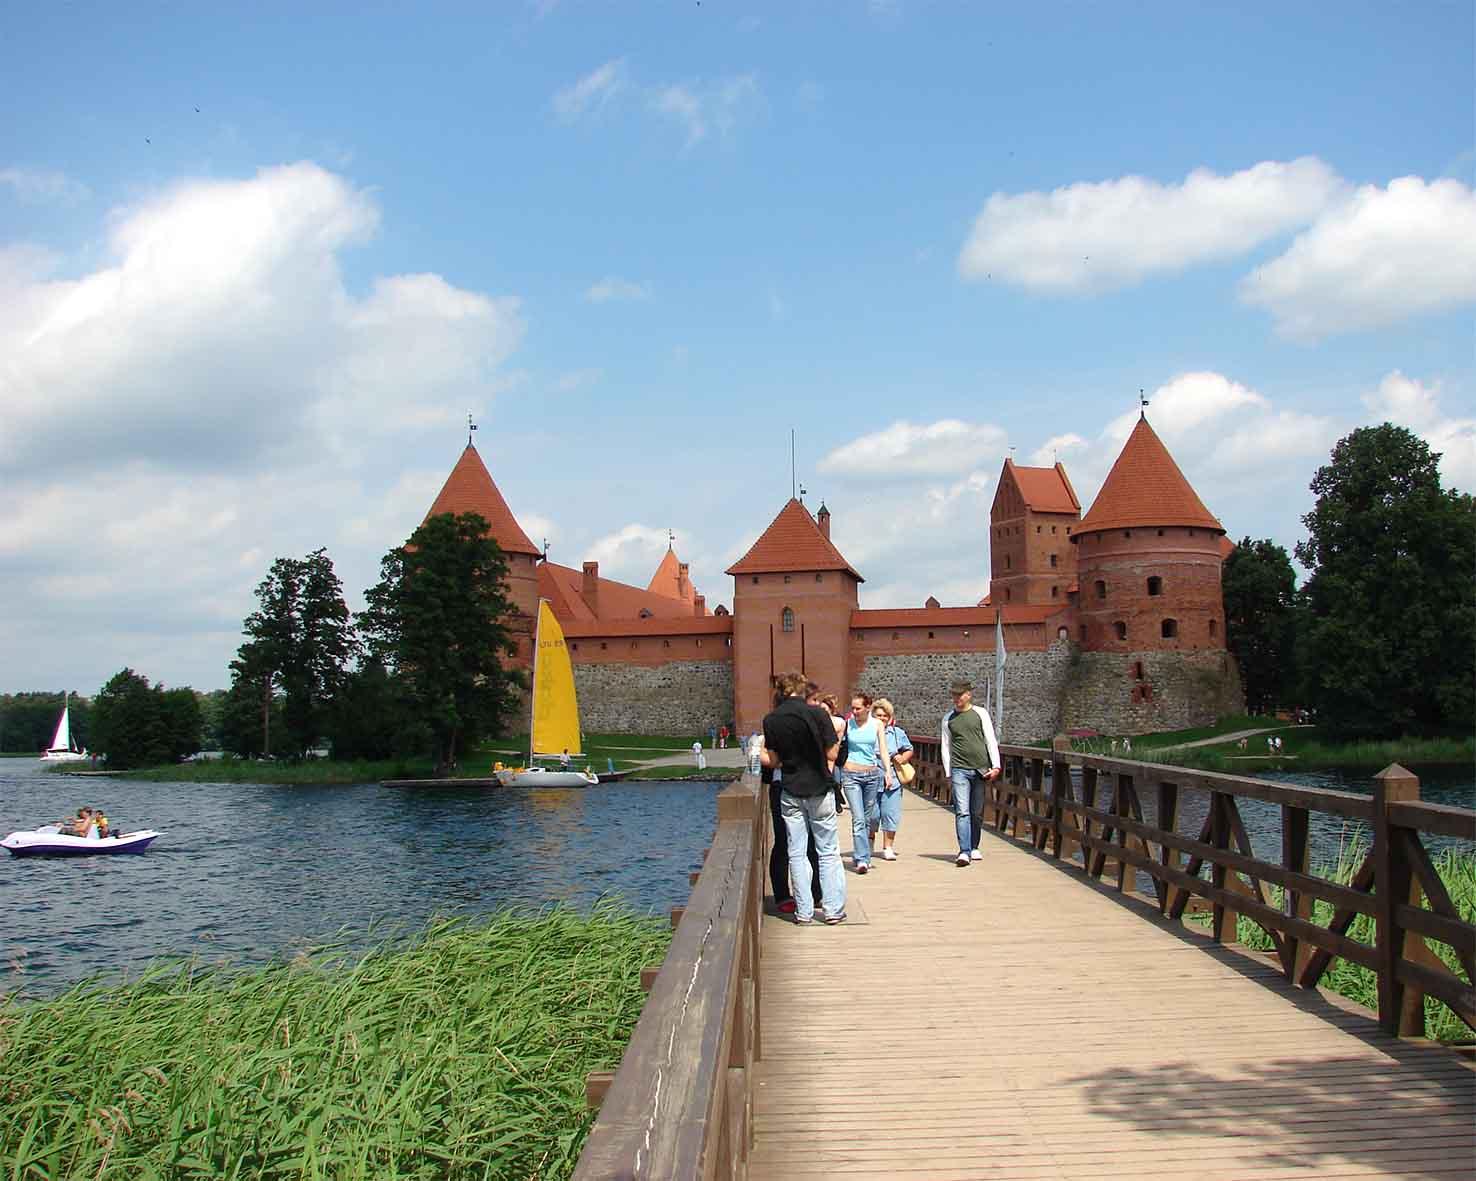 Radreise Polen, Weißrussland, Baltikum, PBL, Fot. 3